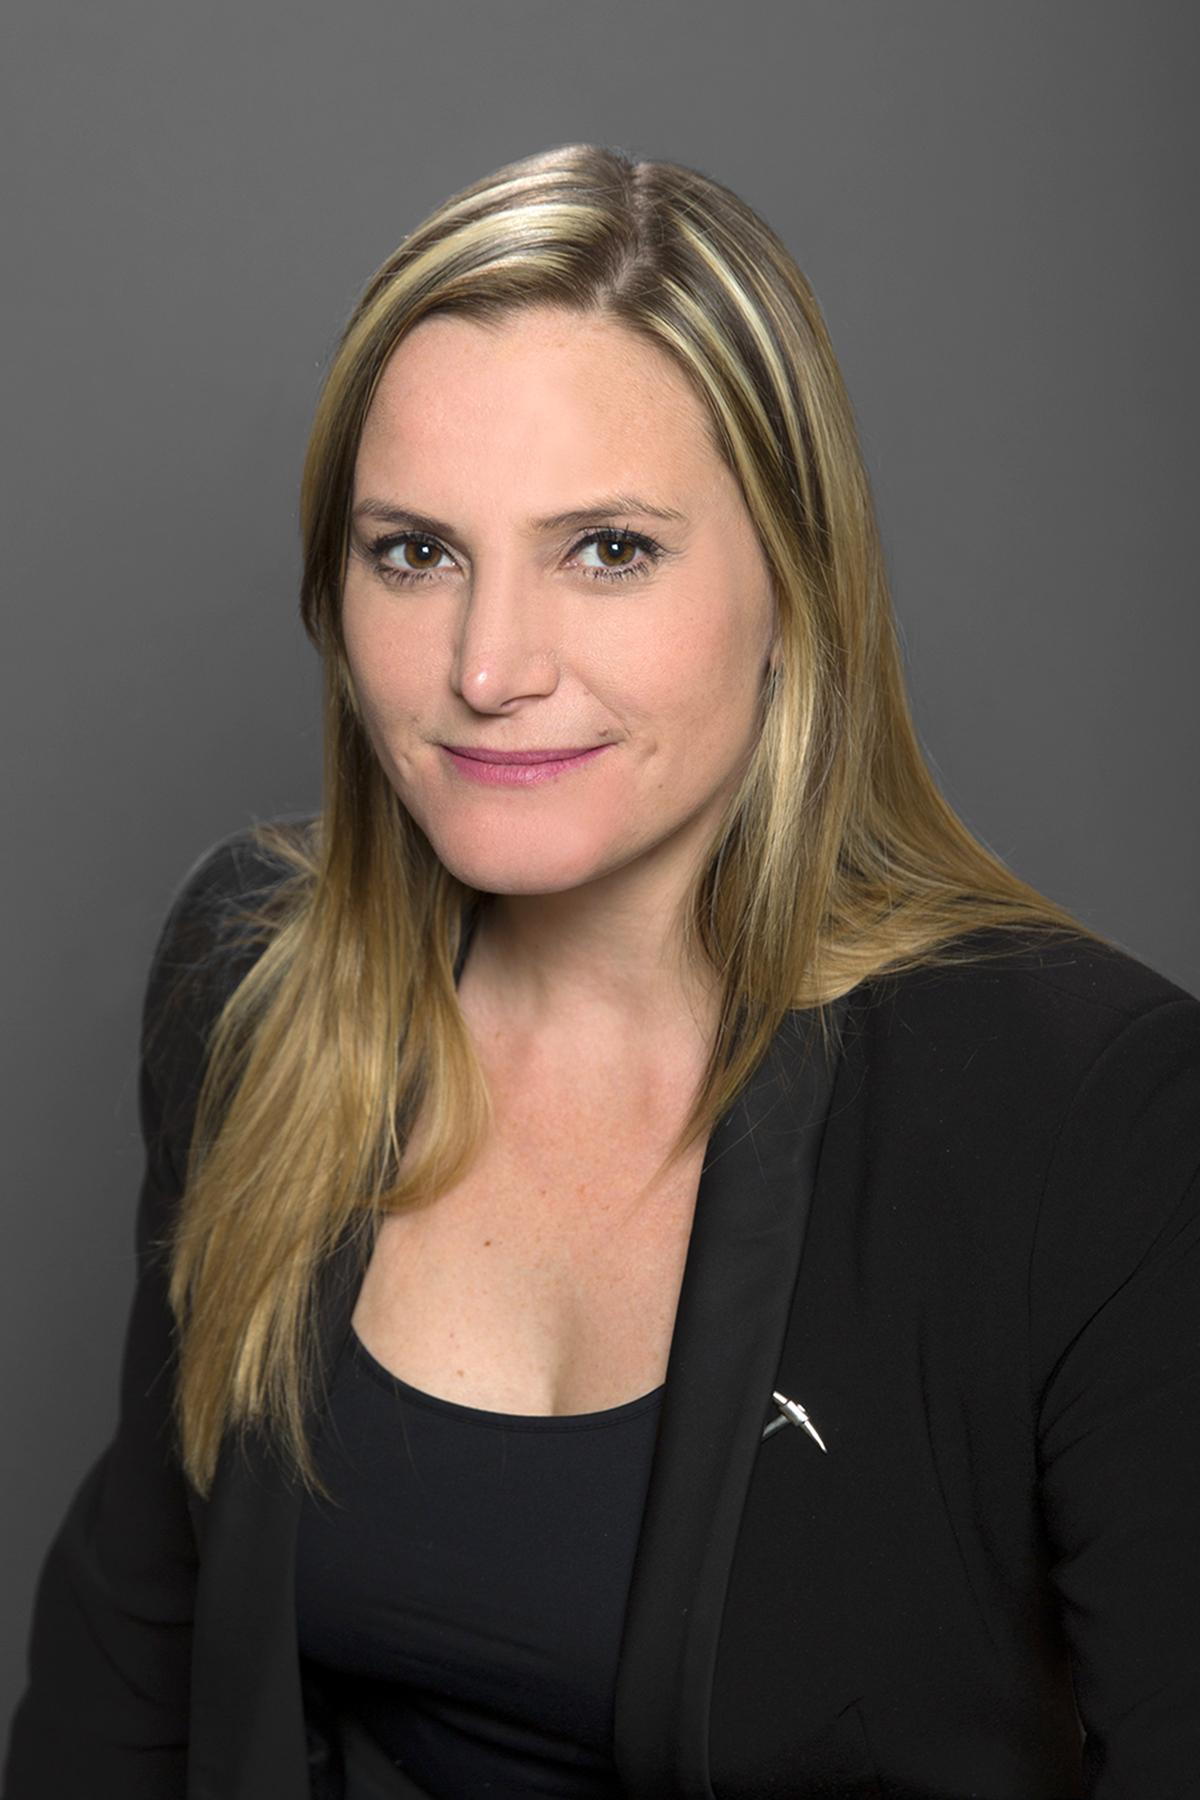 Andrea Cote Botero (Colombia)